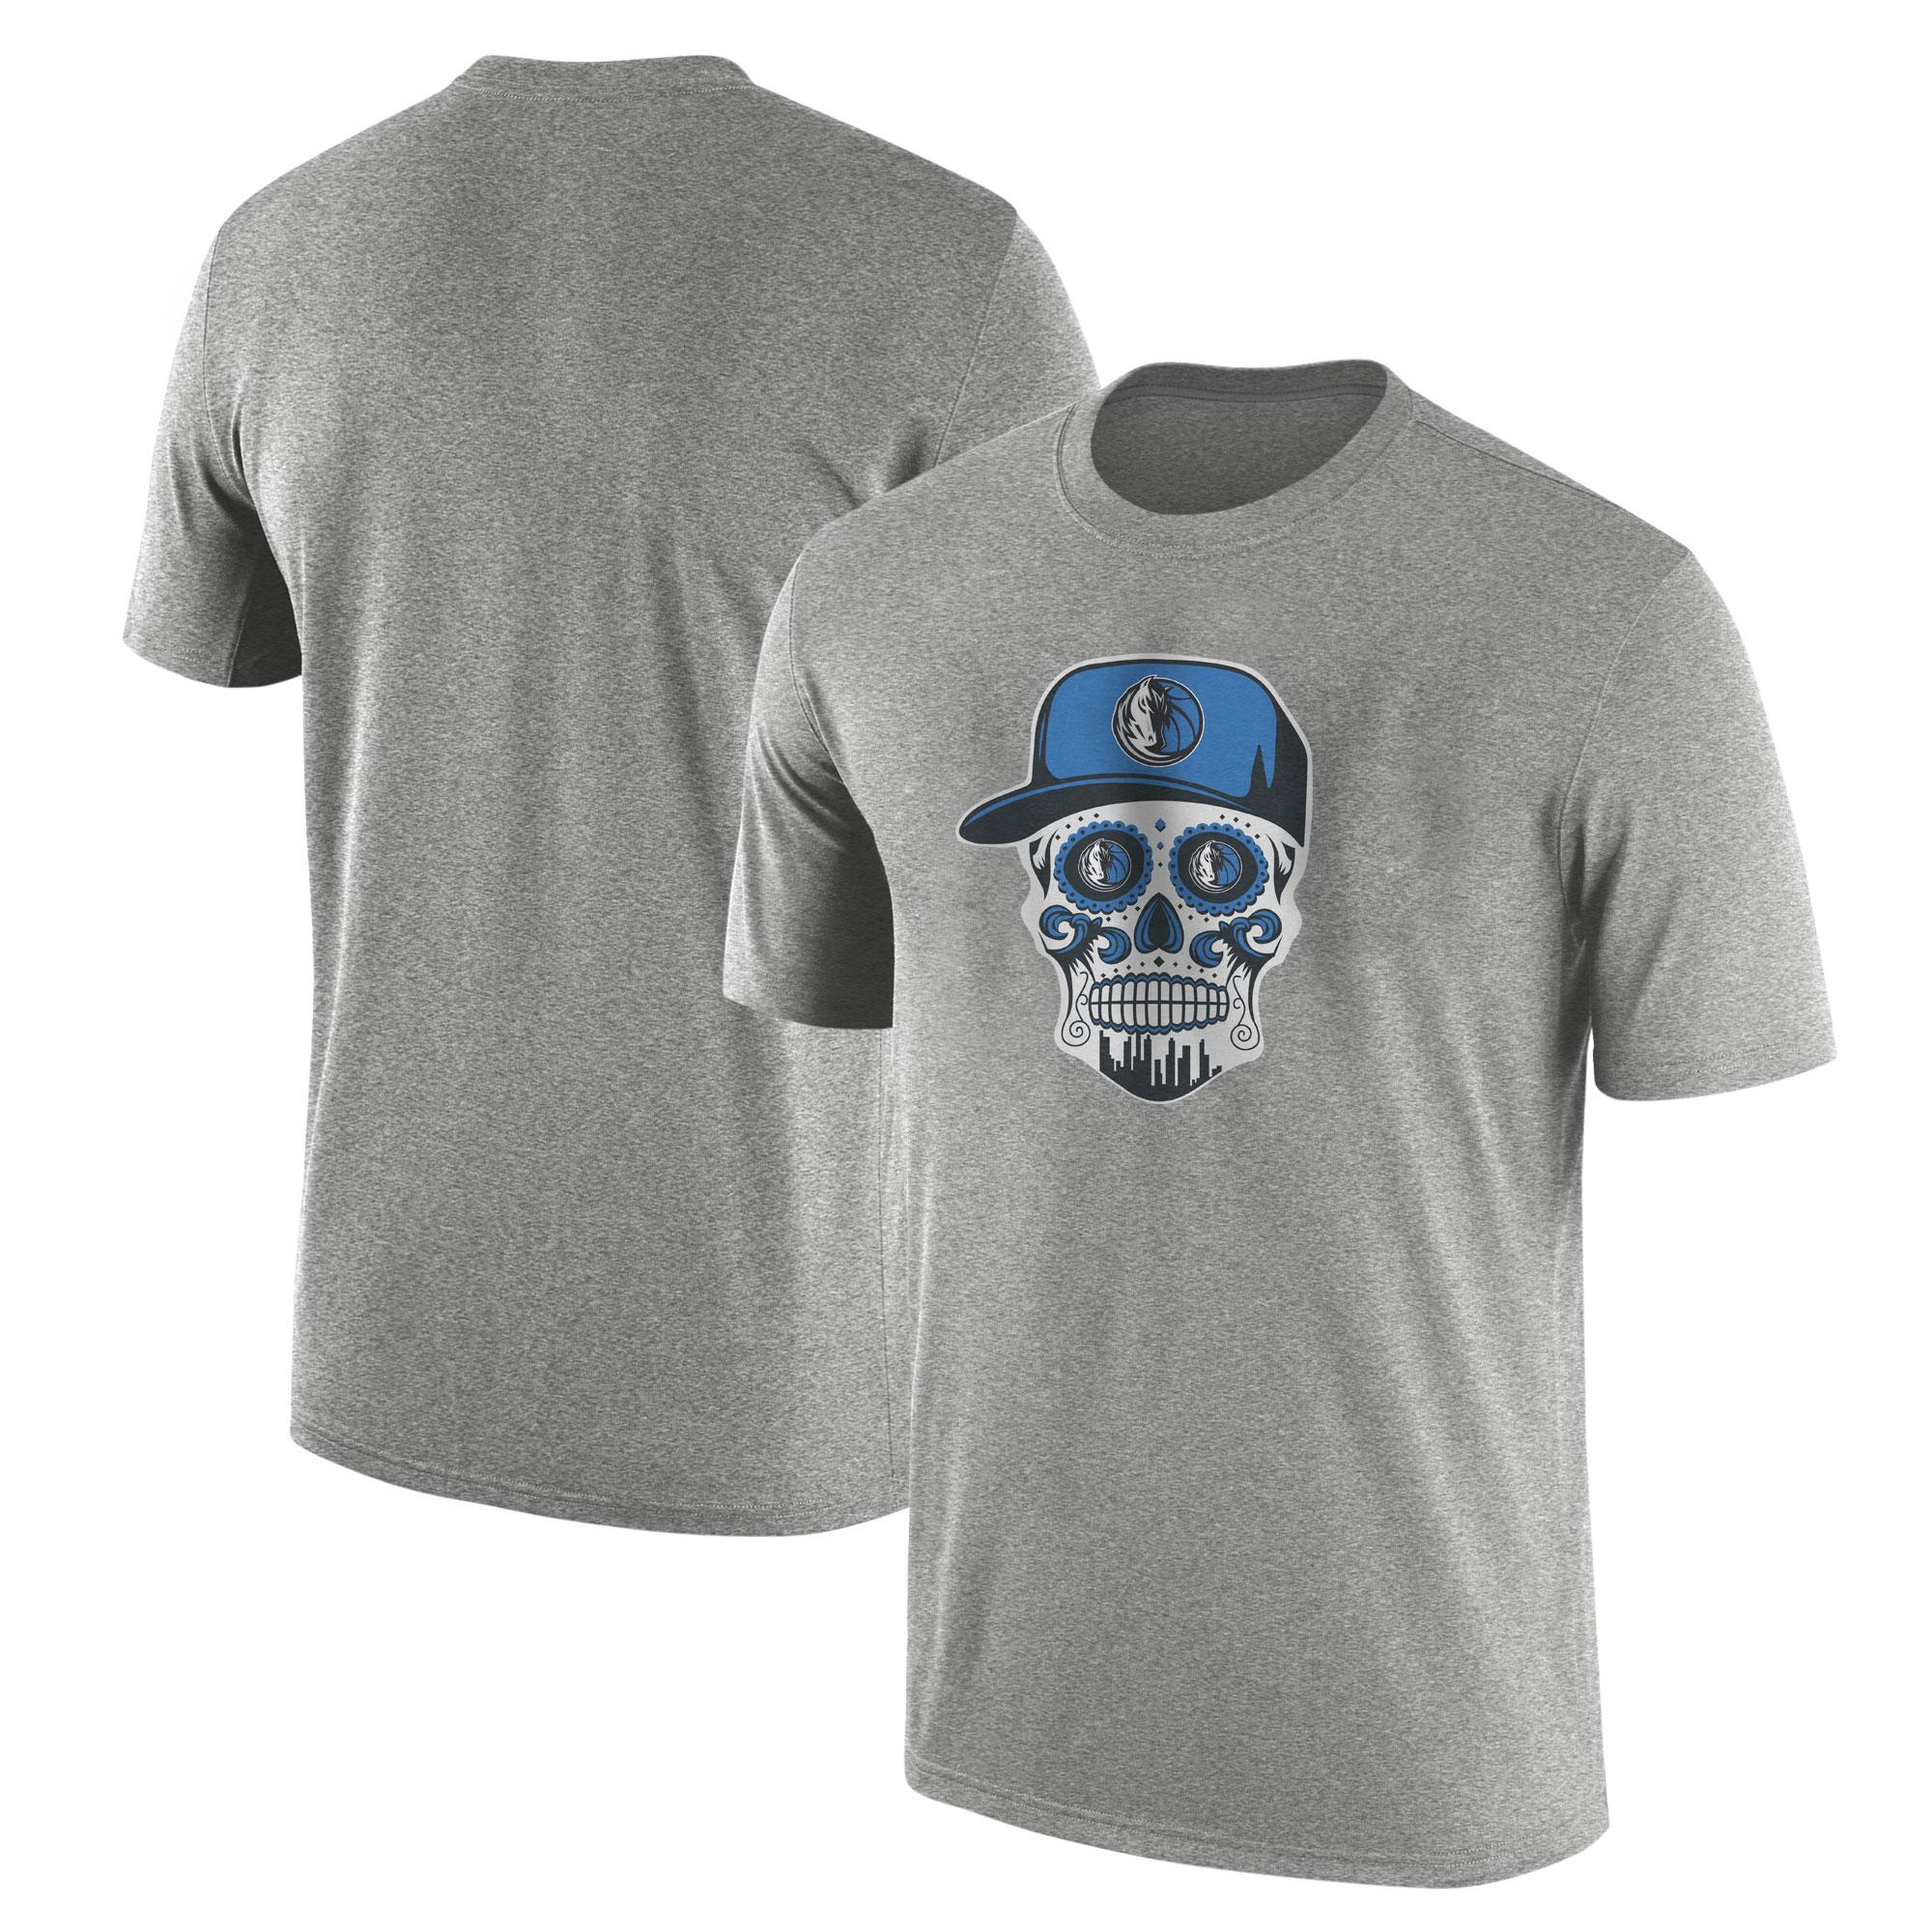 Dallas Skull Tshirt (TSH-GRY-NP-451-NBA-DLS-SKULL)